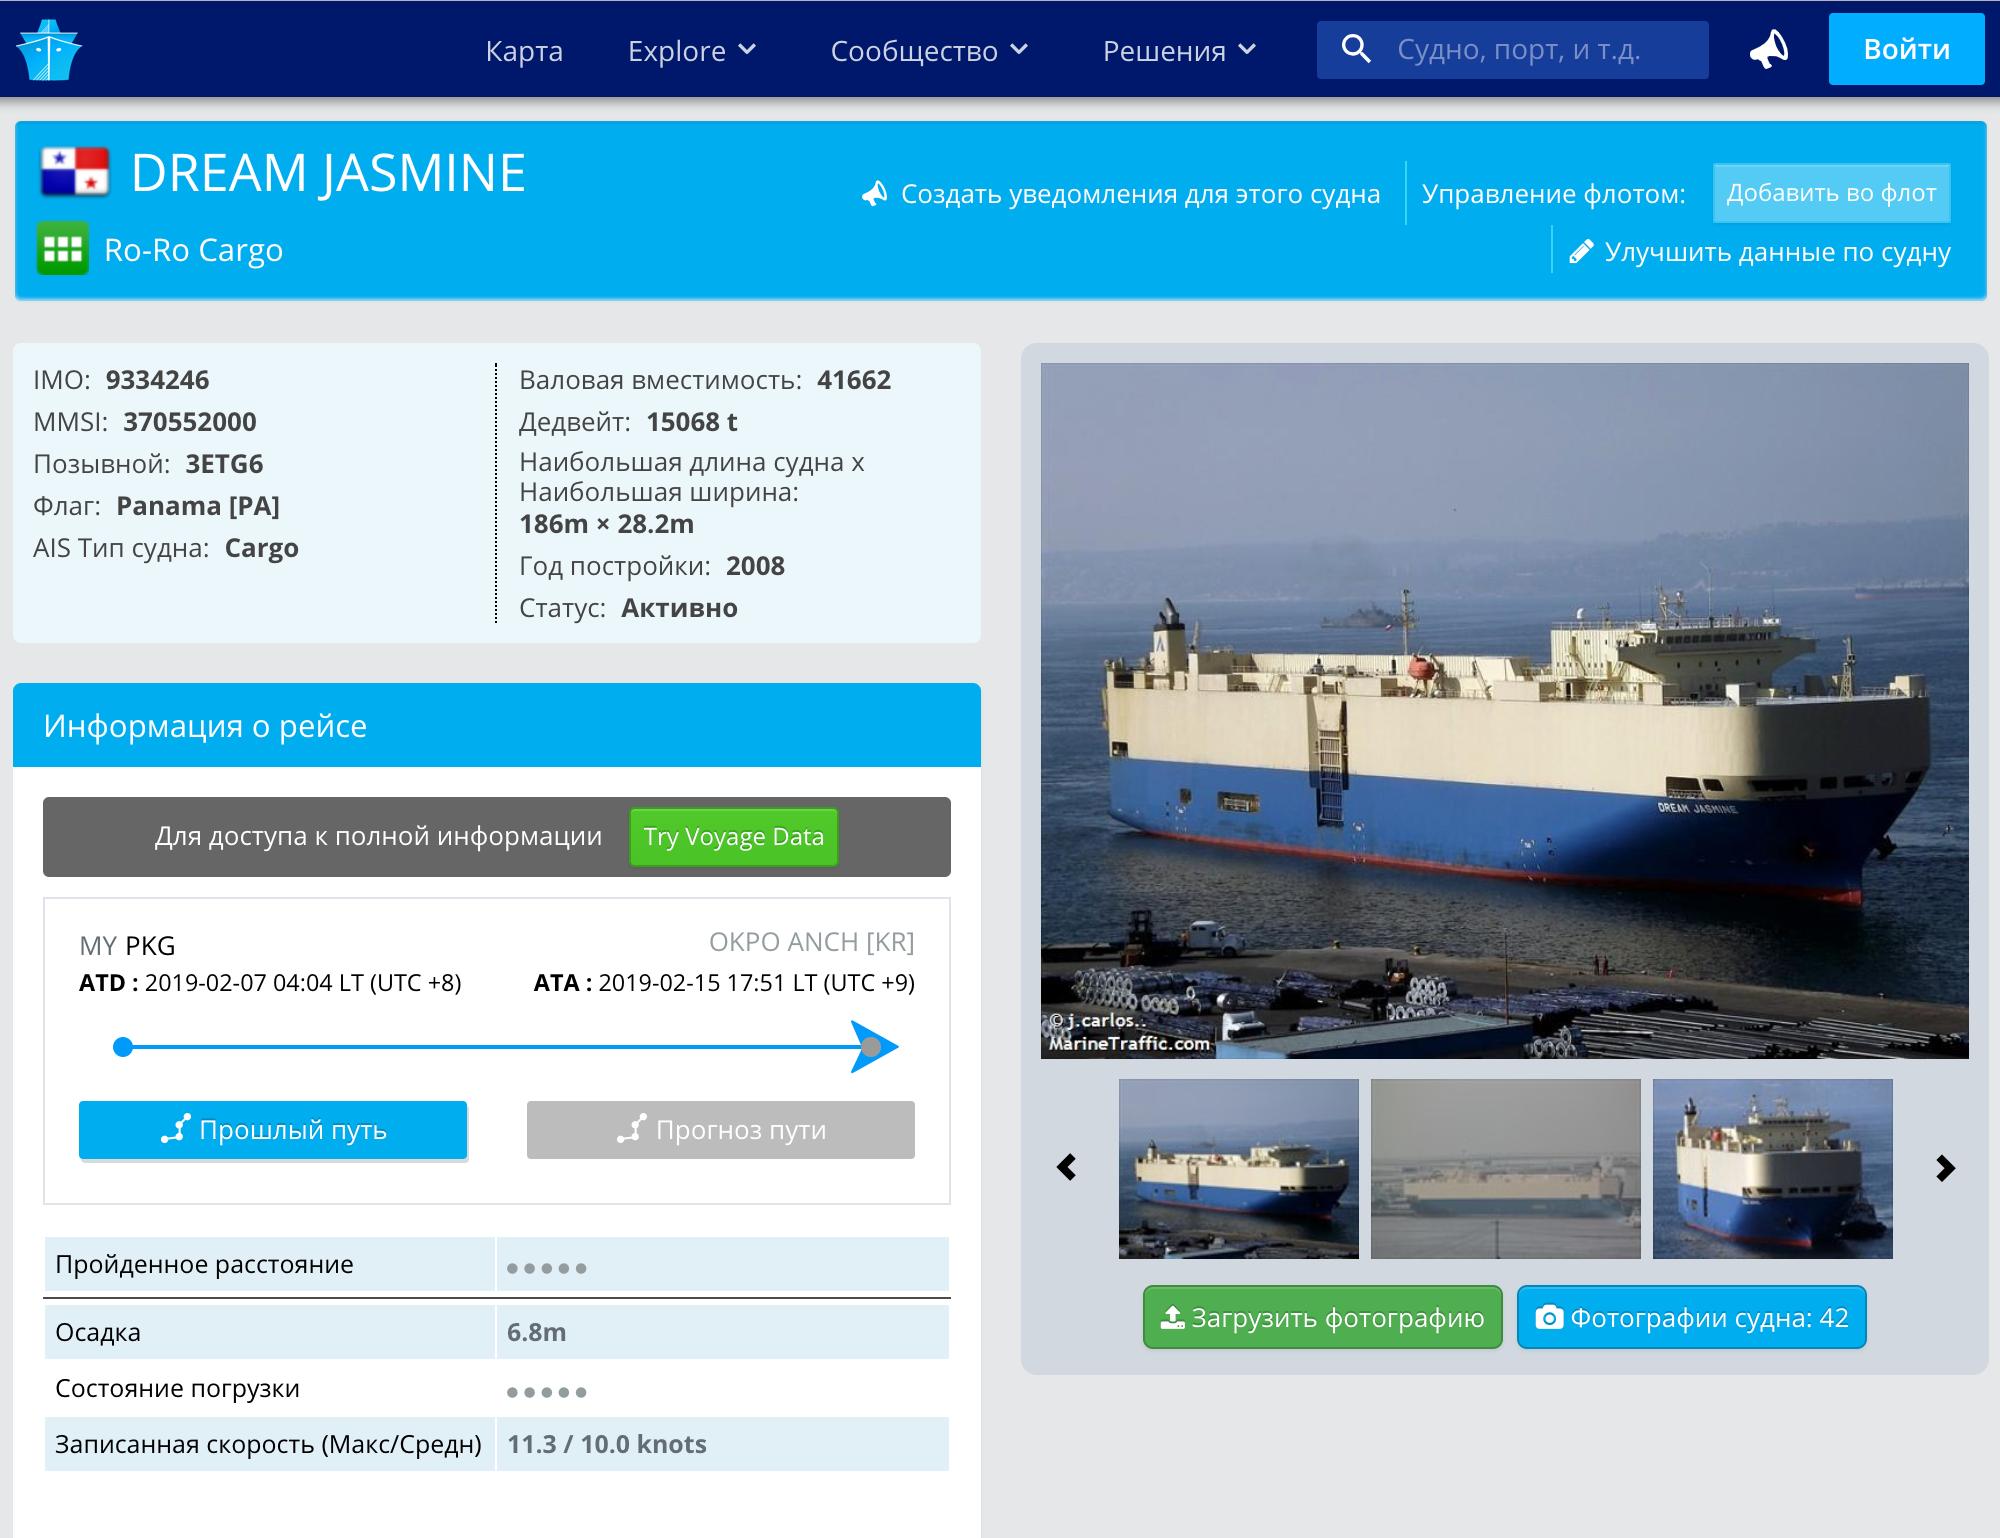 Посредник сообщил мне название судна — я мог посмотреть общую информацию о нем